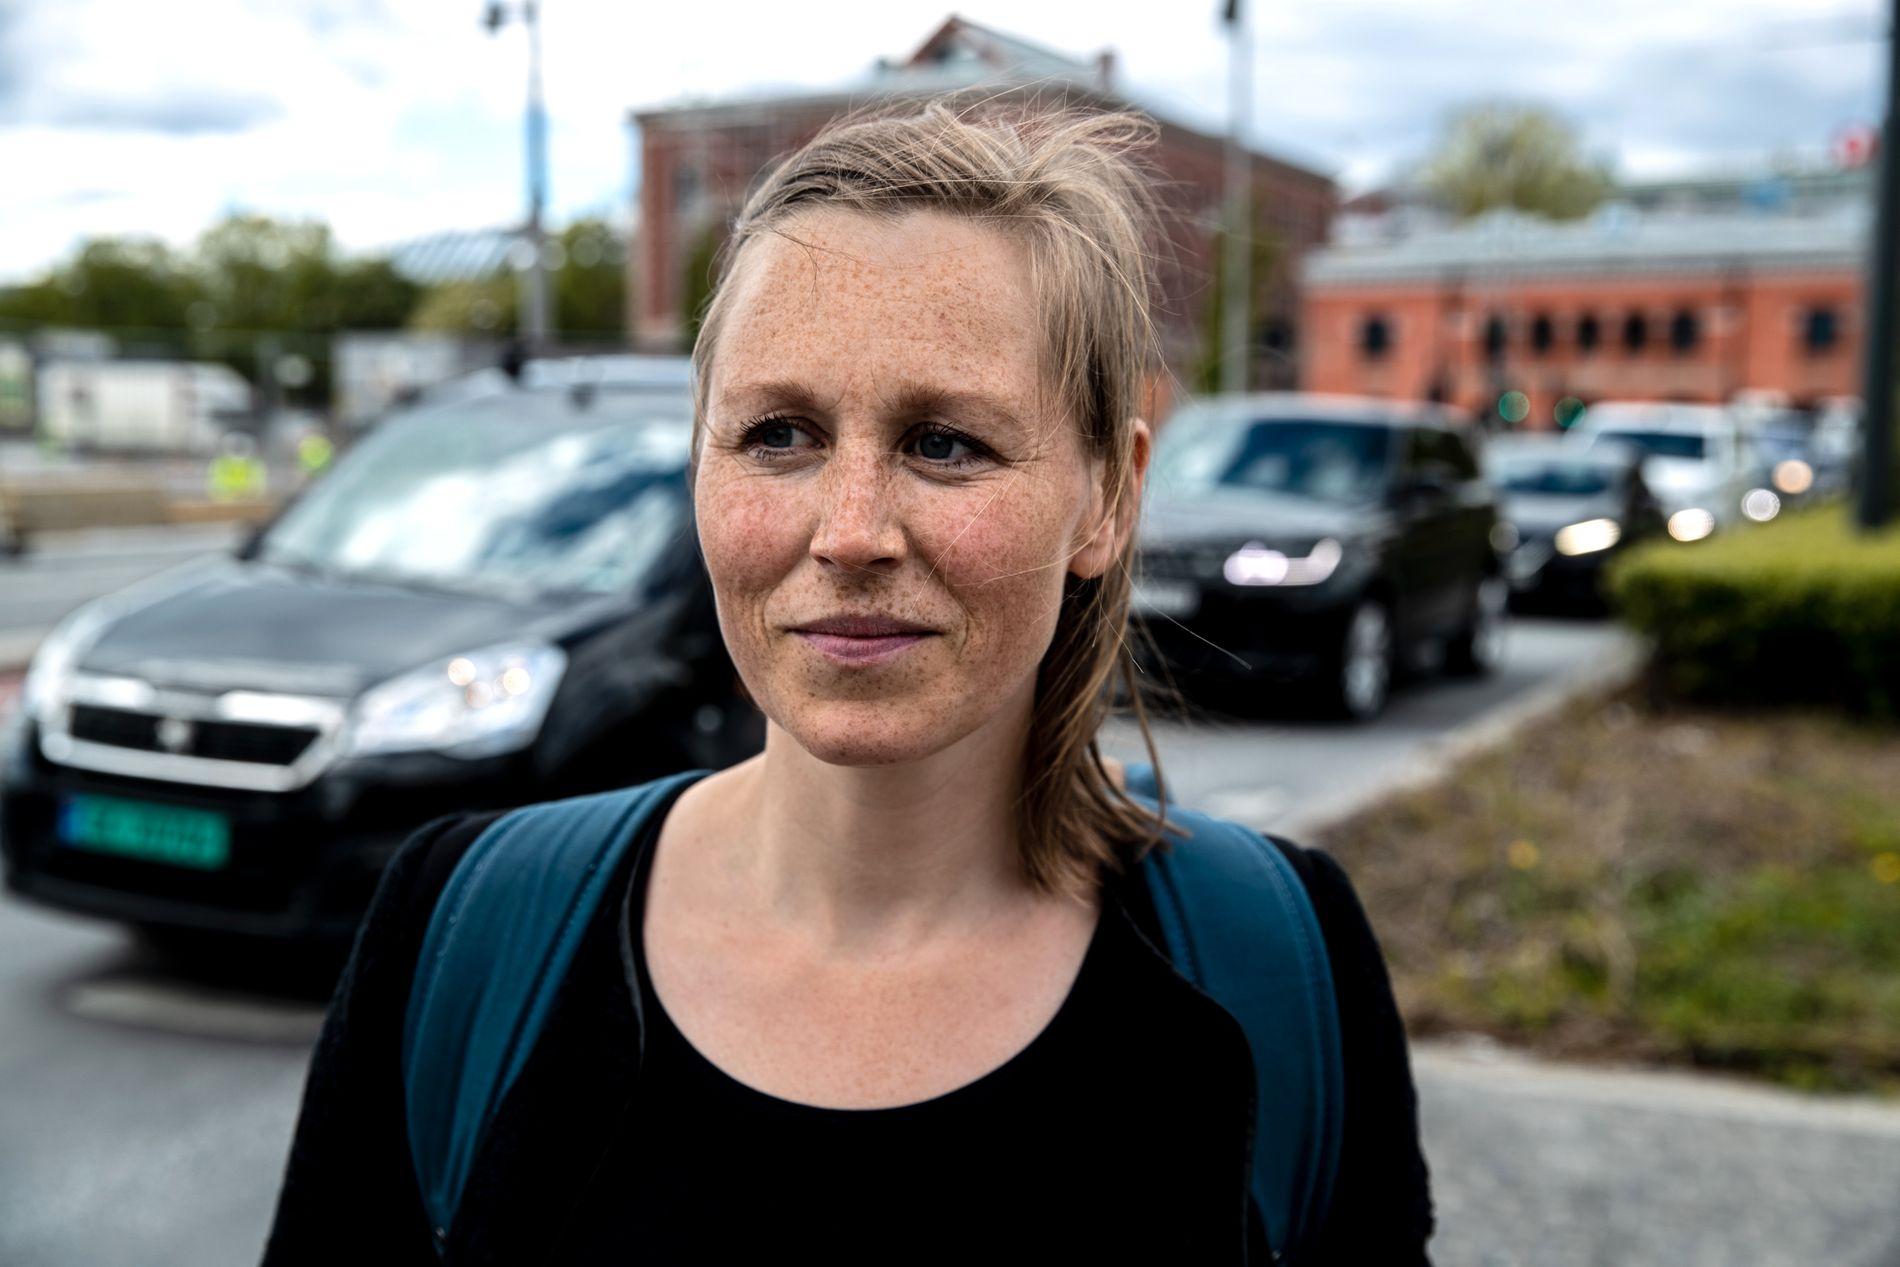 NORDISK RAPPORT: Postdoktor og forsker Katinka Holtsmark ved Økonomisk Institutt ved Universitetet i Oslo får kritikk fra Bellona.